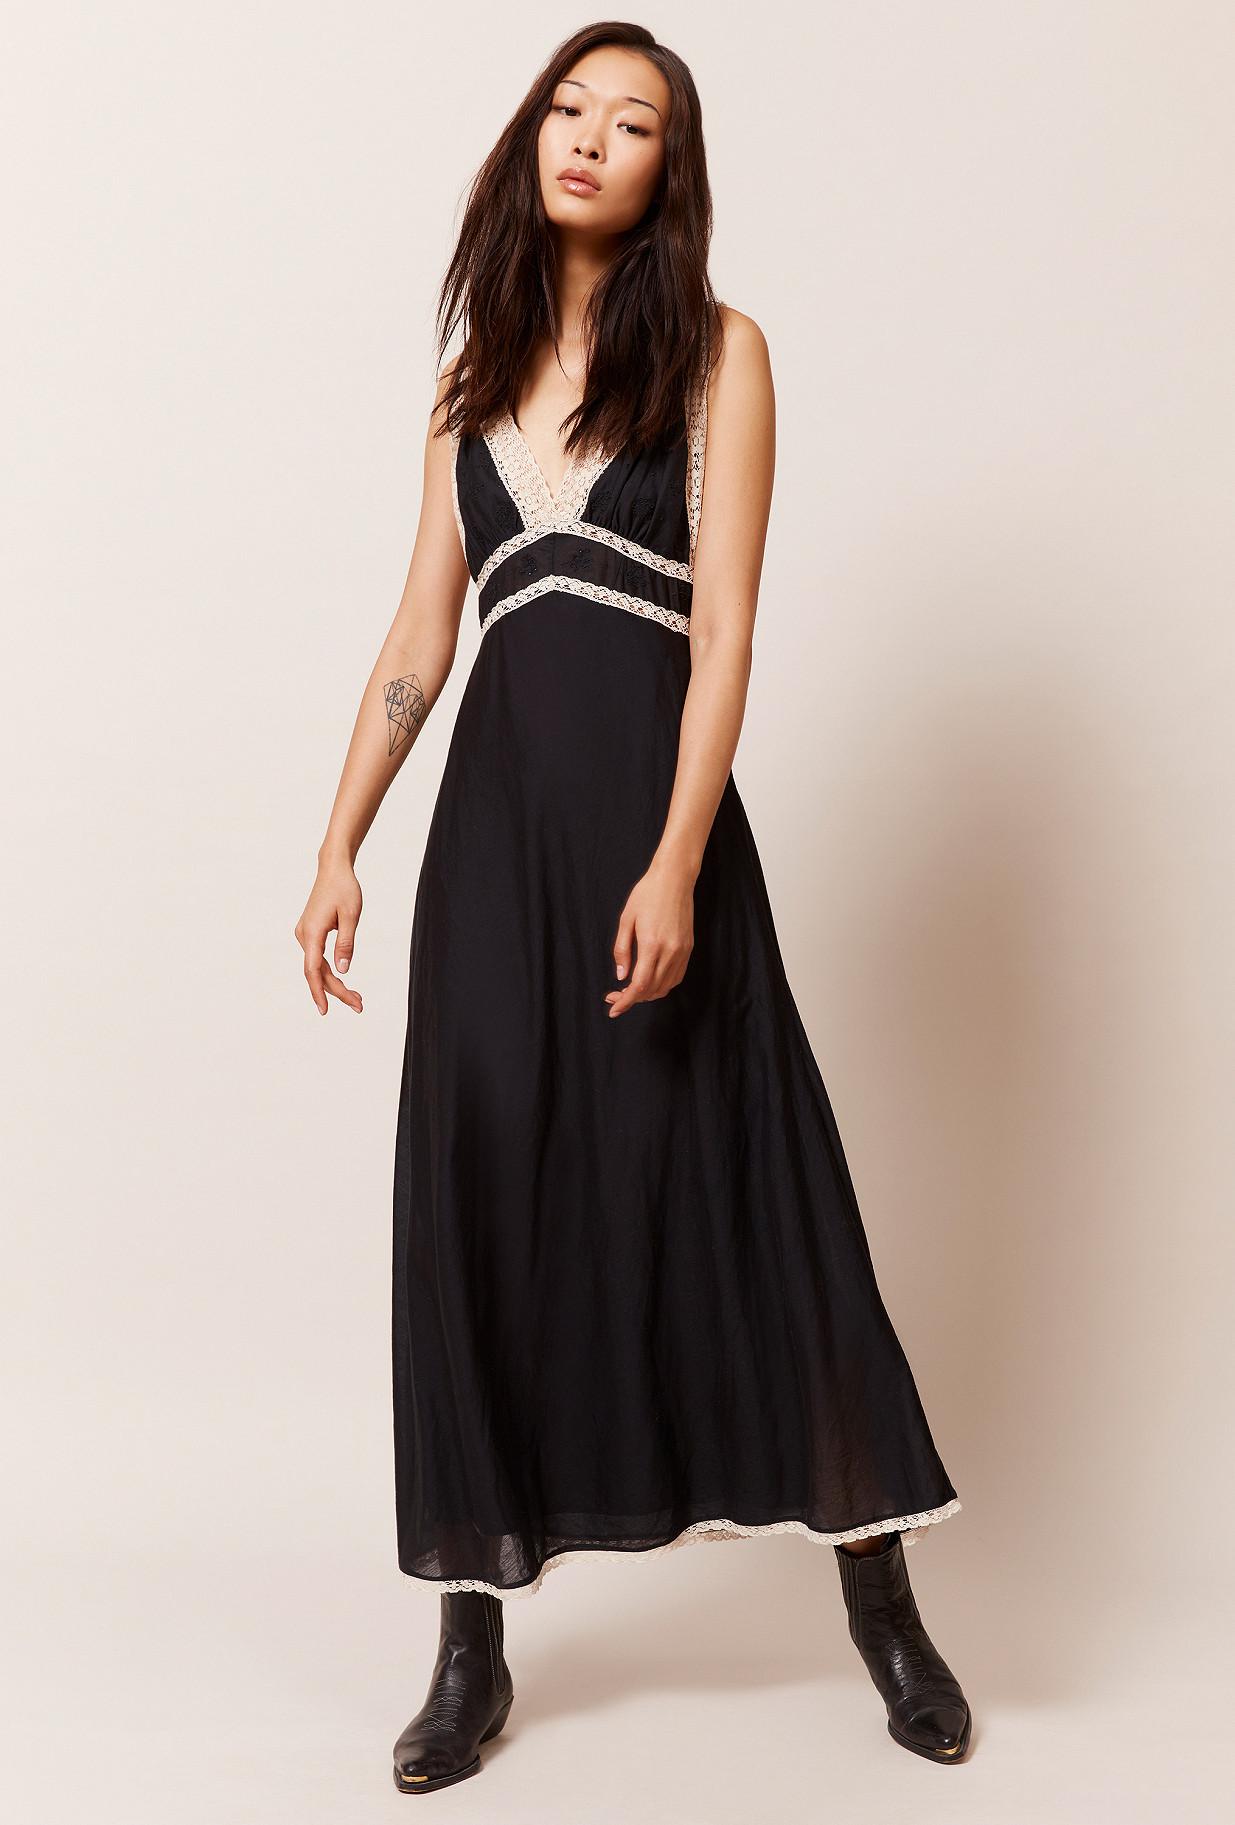 Dress  Gibson Mes demoiselles fashion clothes designer Paris